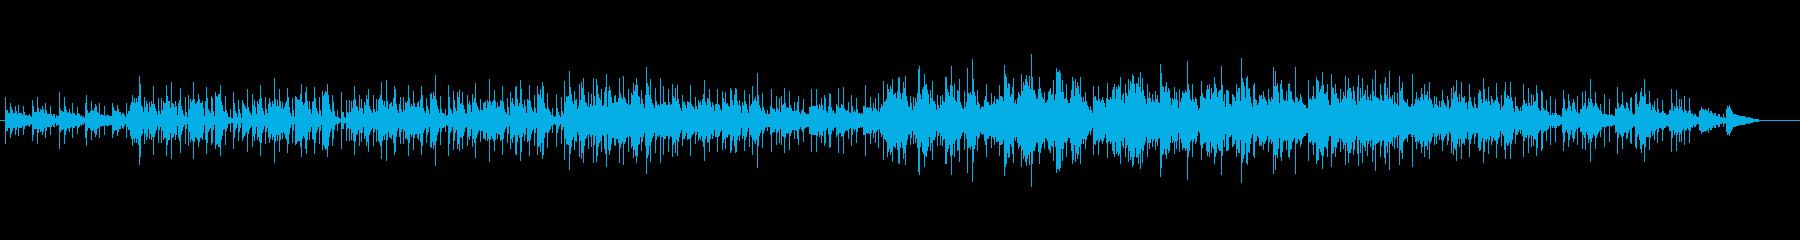 華やかな感じの軽快なピアノ・ナンバーの再生済みの波形